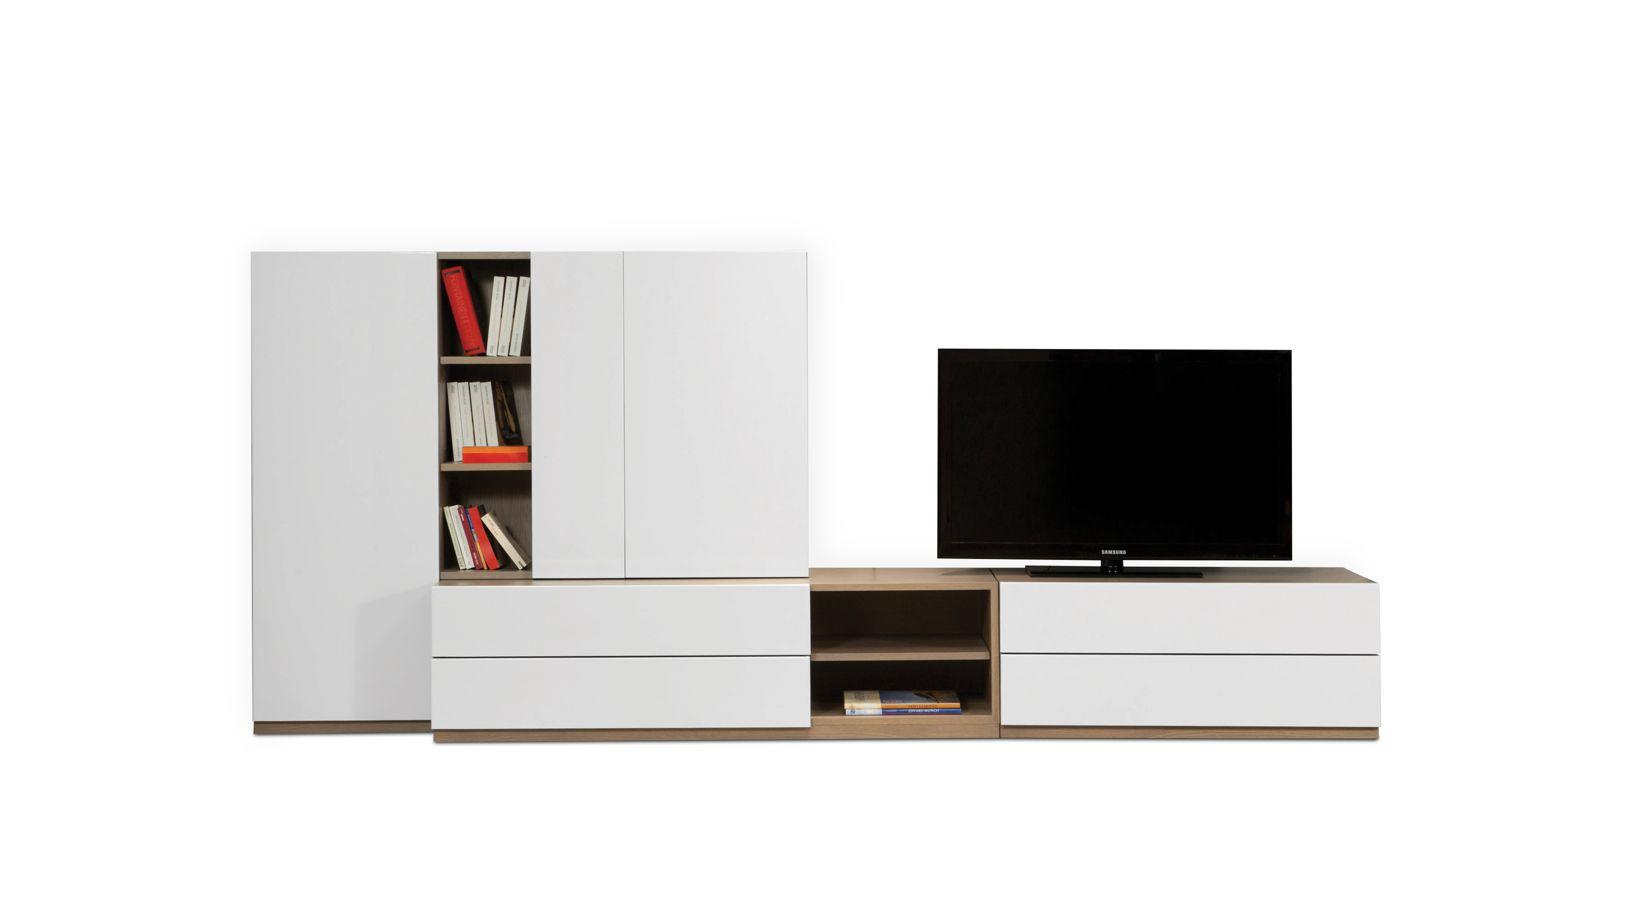 Composition 201310 contact roche bobois - Roche bobois meuble tv ...